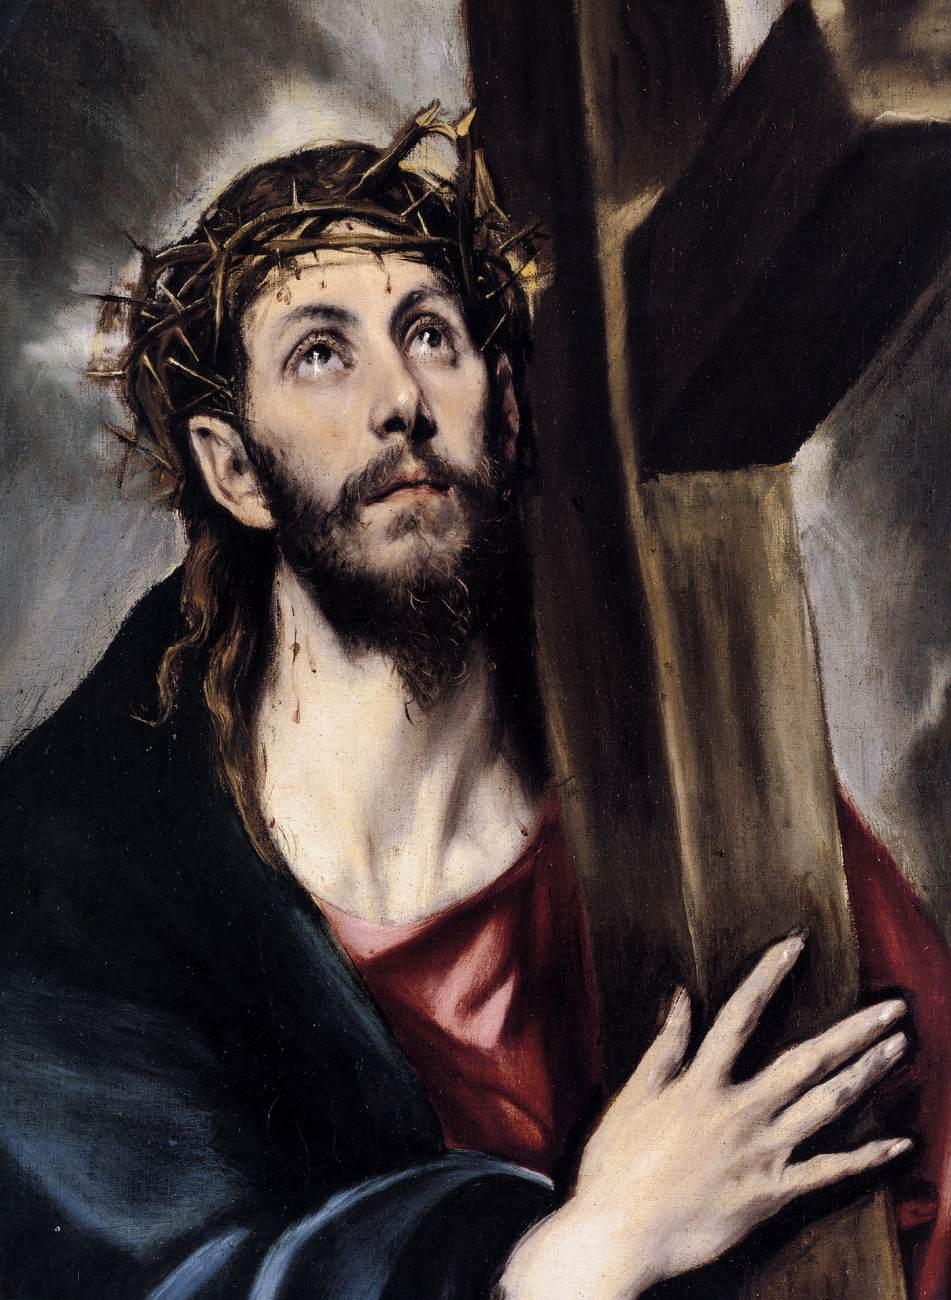 christ-carrying-the-cross-el-greco-cf80ceb5cf81-1580 ΜΕΓΑΛΗ ΠΑΡΑΣΚΕΥΗ: Ἡ Ζωή ἐν τάφῳ…